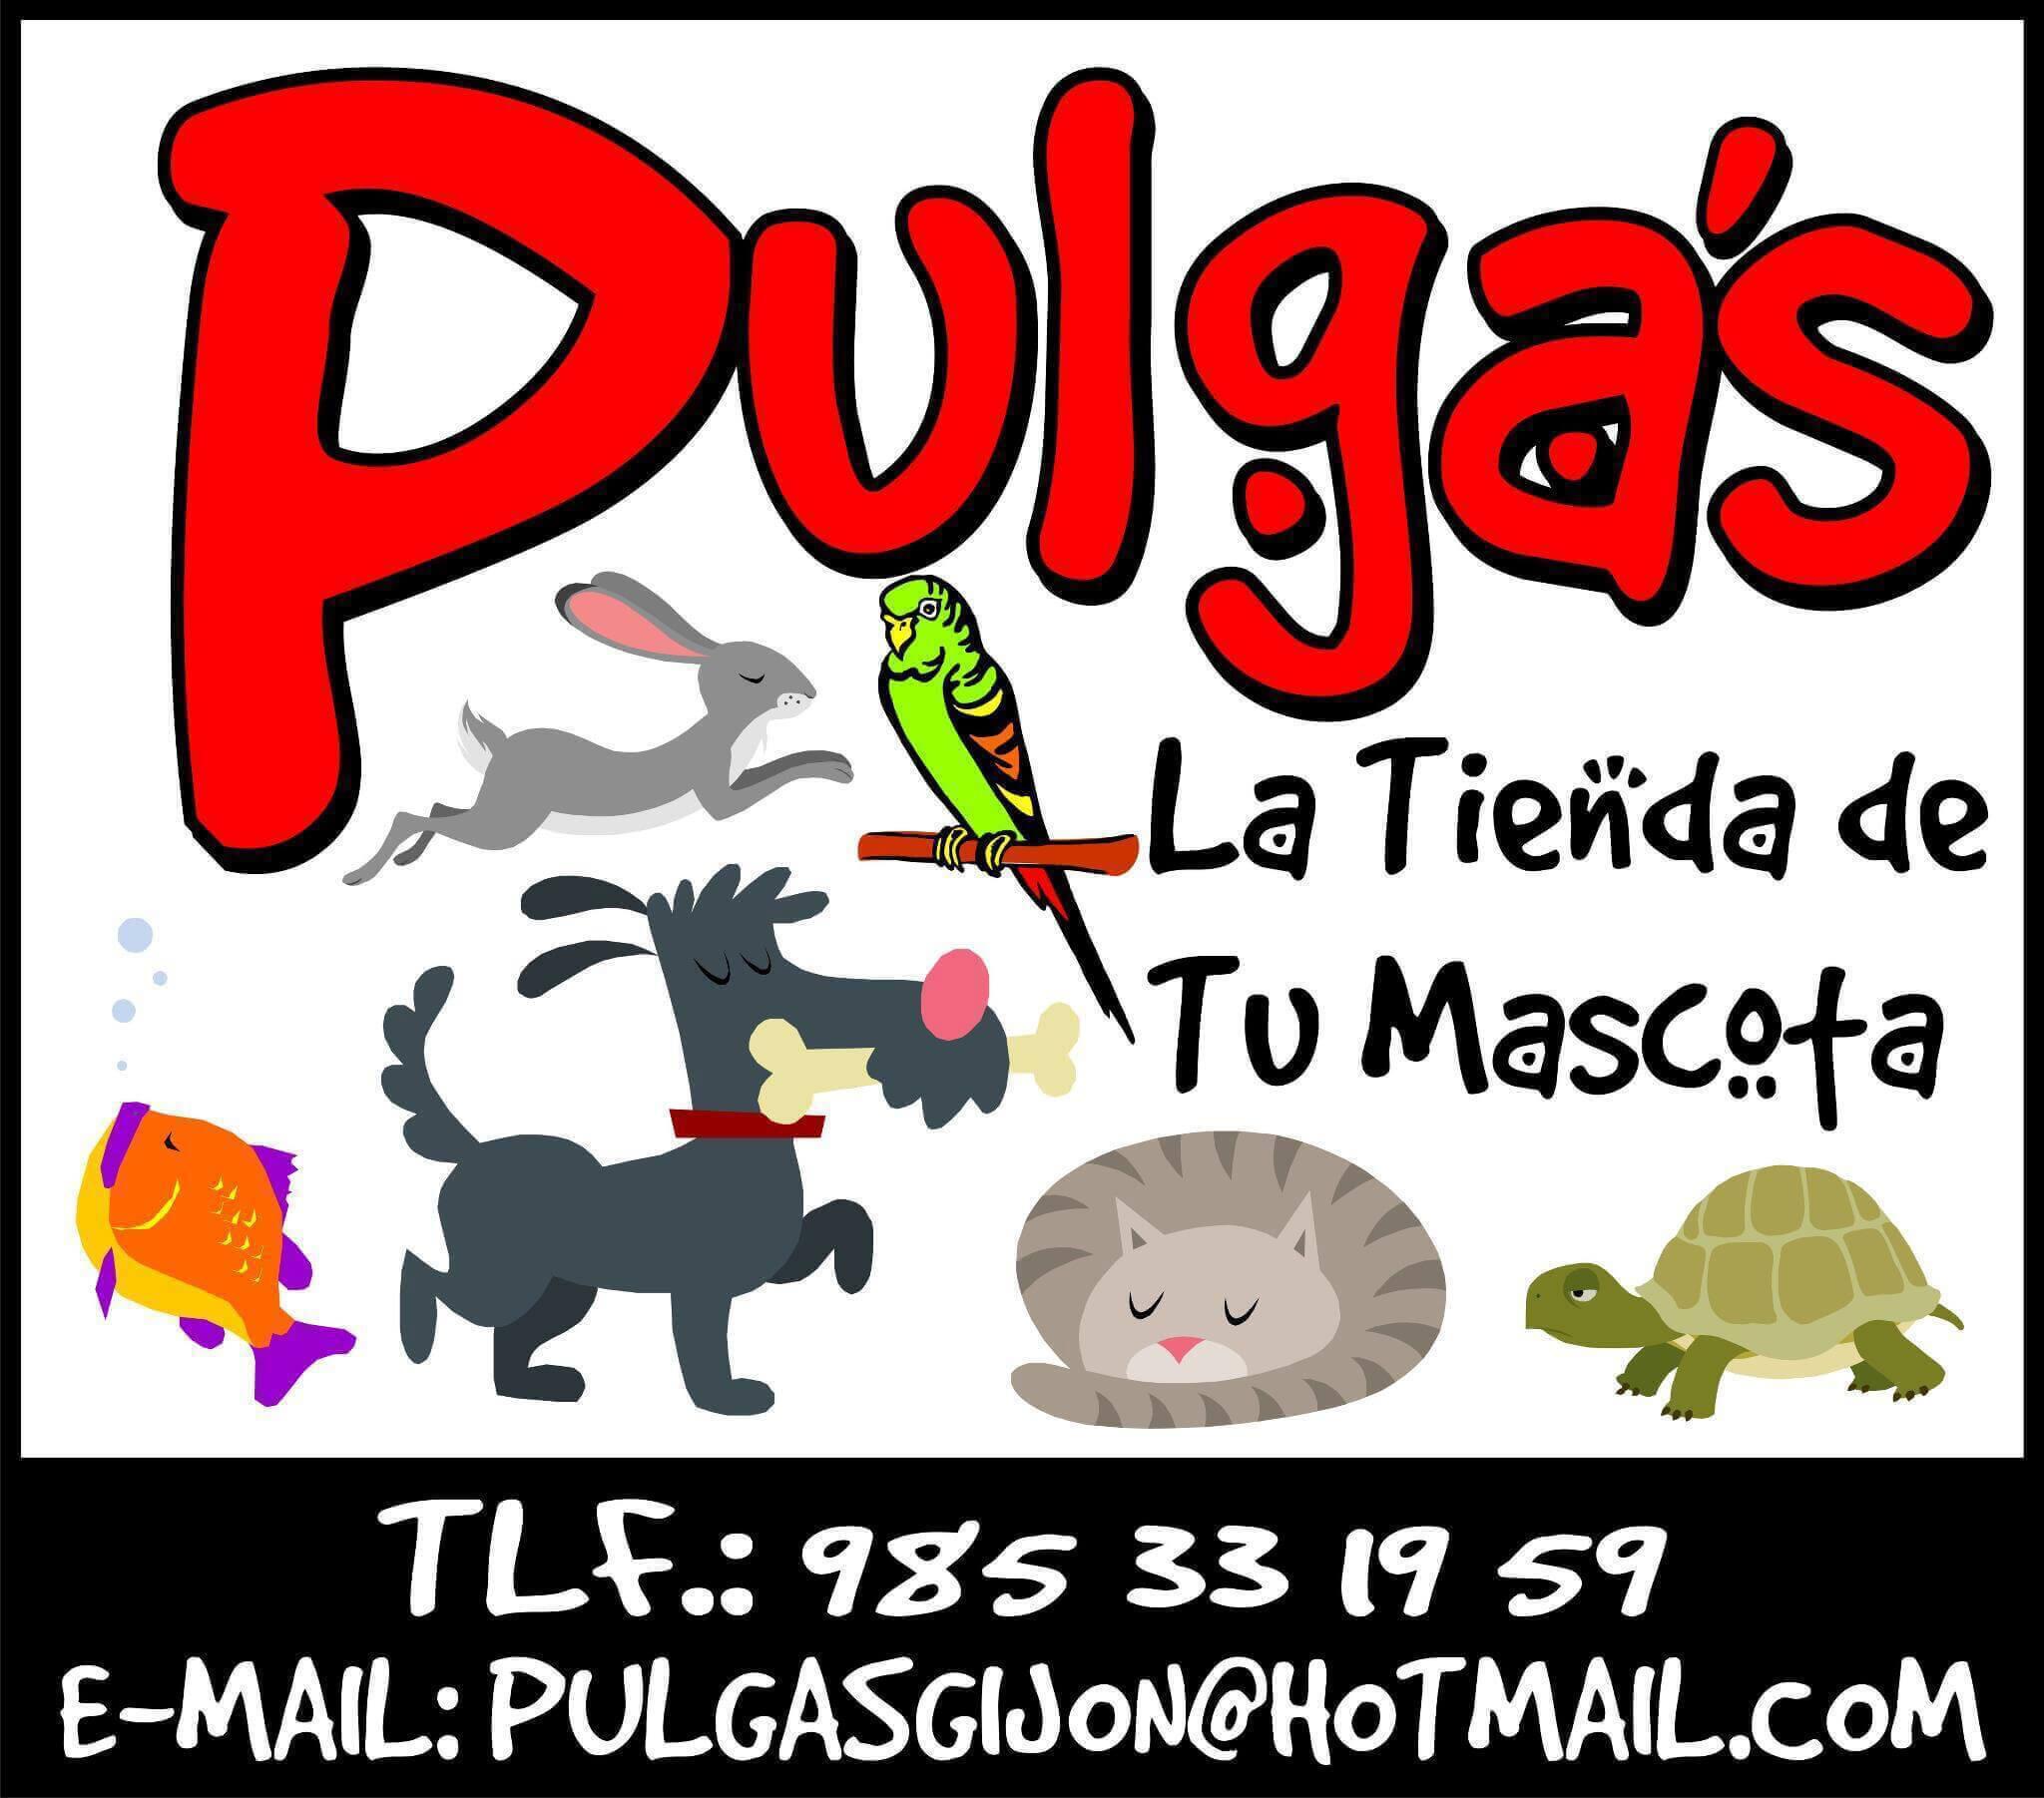 Tiendas mascotas Gijon Pulgas